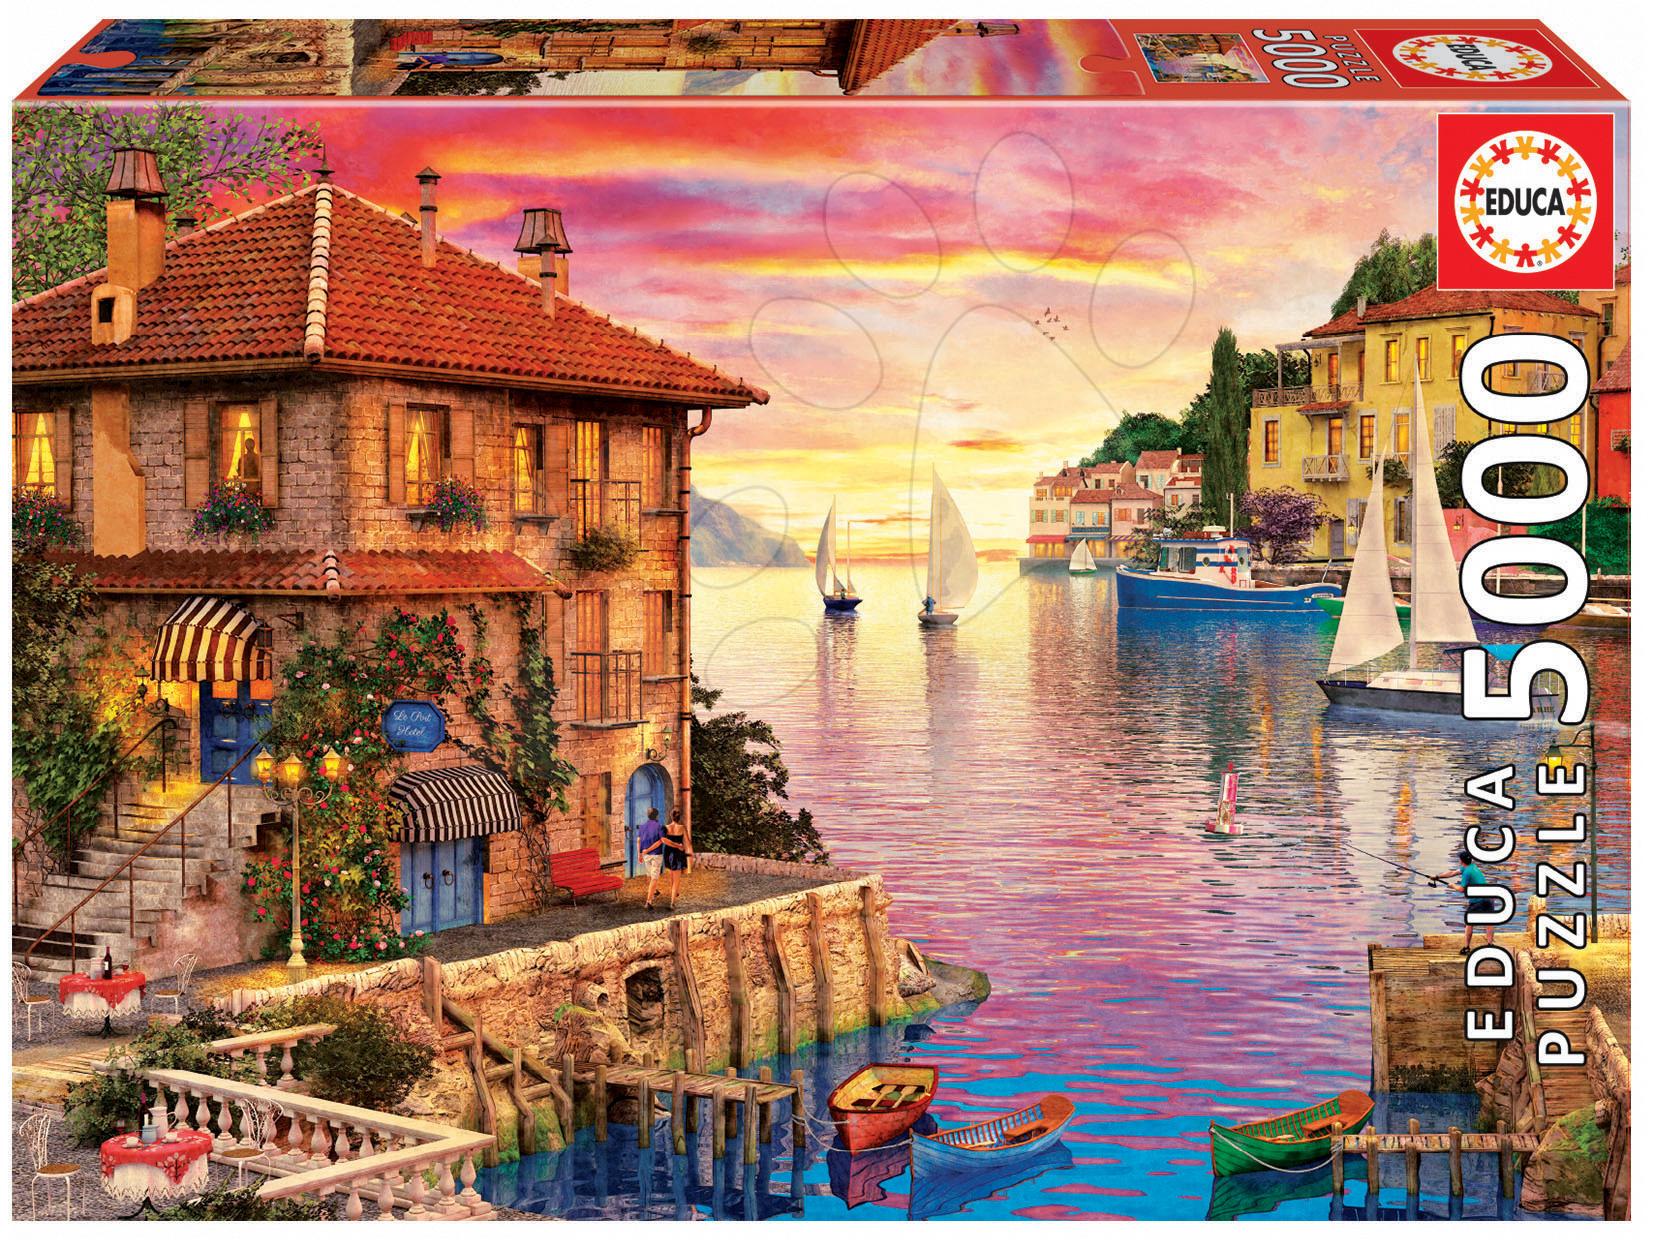 Puzzle Genuine Středomořský přístav, Dominic Davison Educa 5000 dílů od 11 let